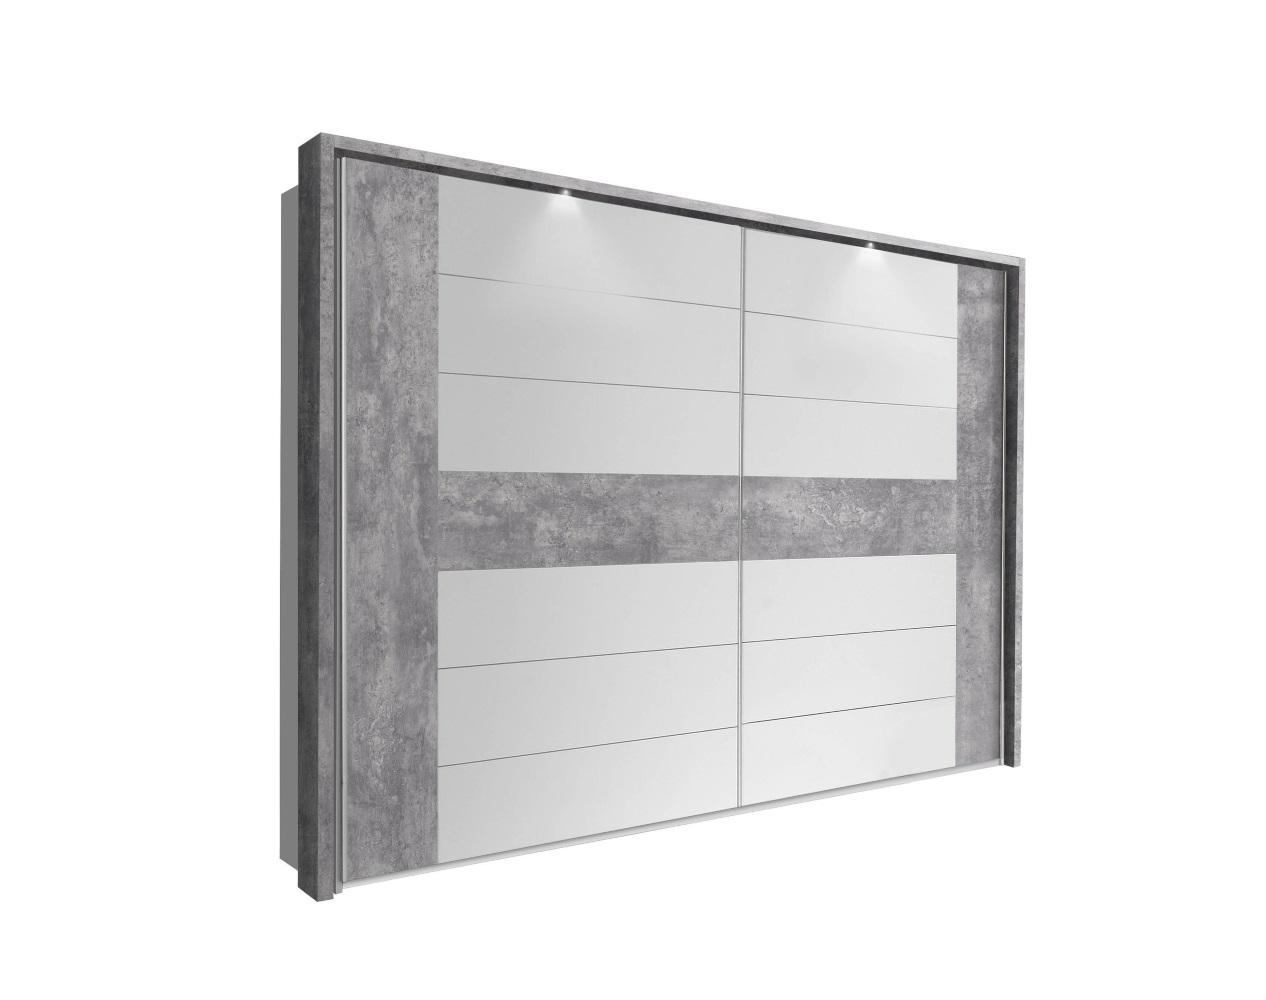 Kleiderschrank rondino schwebet renschrank lichtgrau betonoptik wei hochglanz ebay - Kleiderschrank betonoptik ...